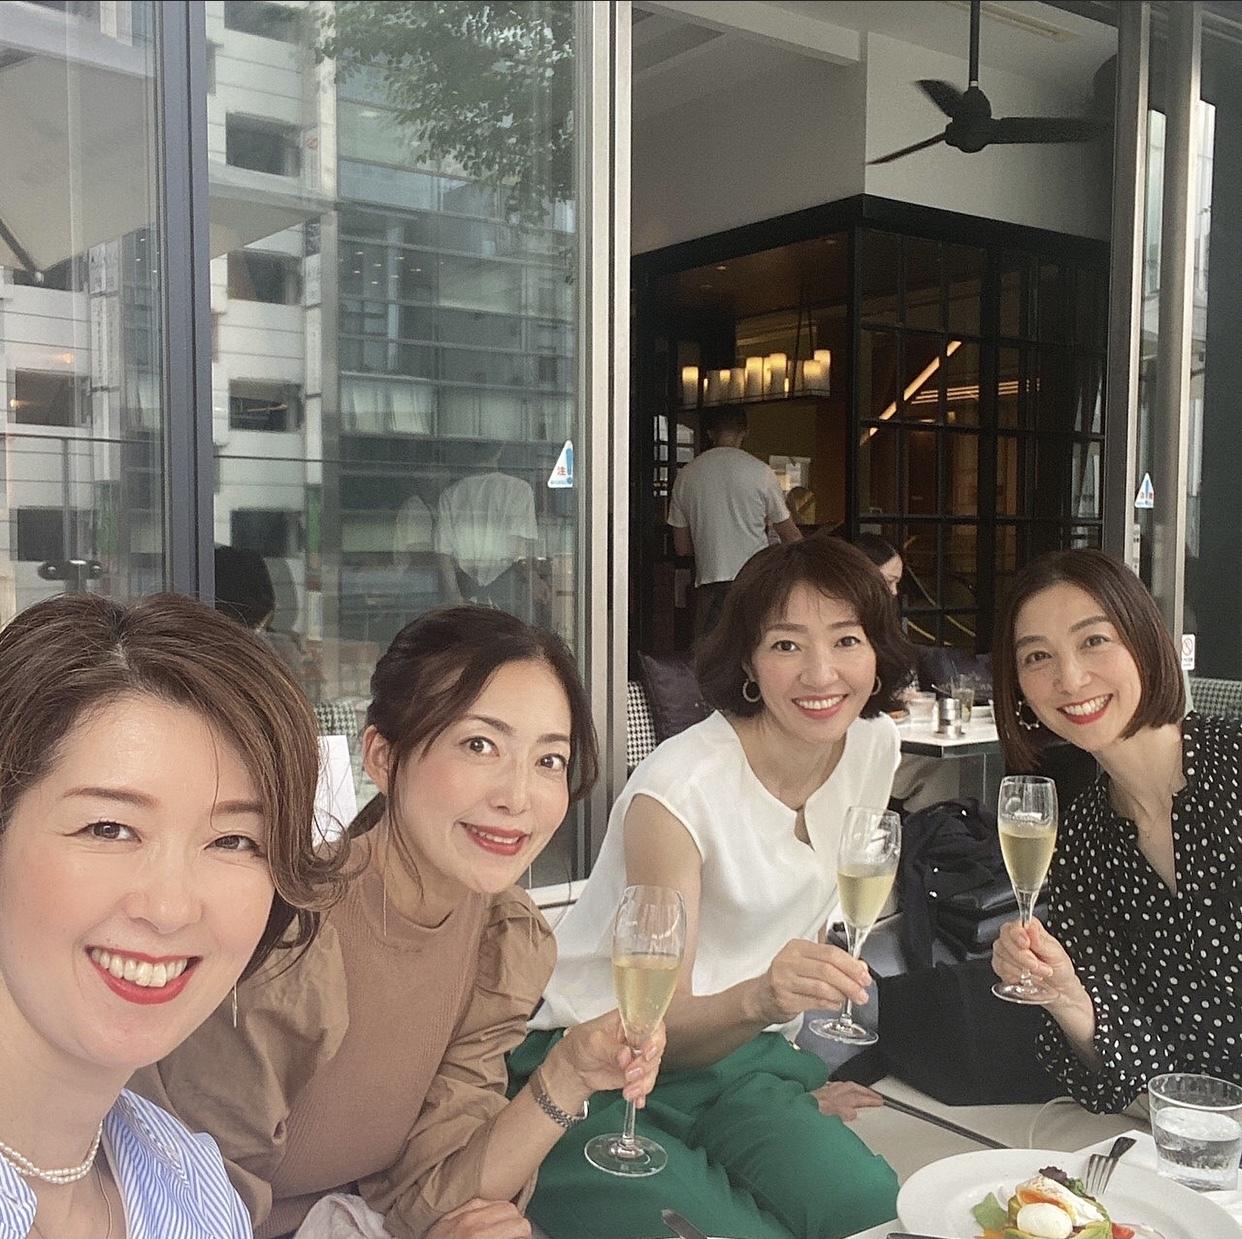 ショートボブ&水玉で華組銀座ランチ♩_1_4-5